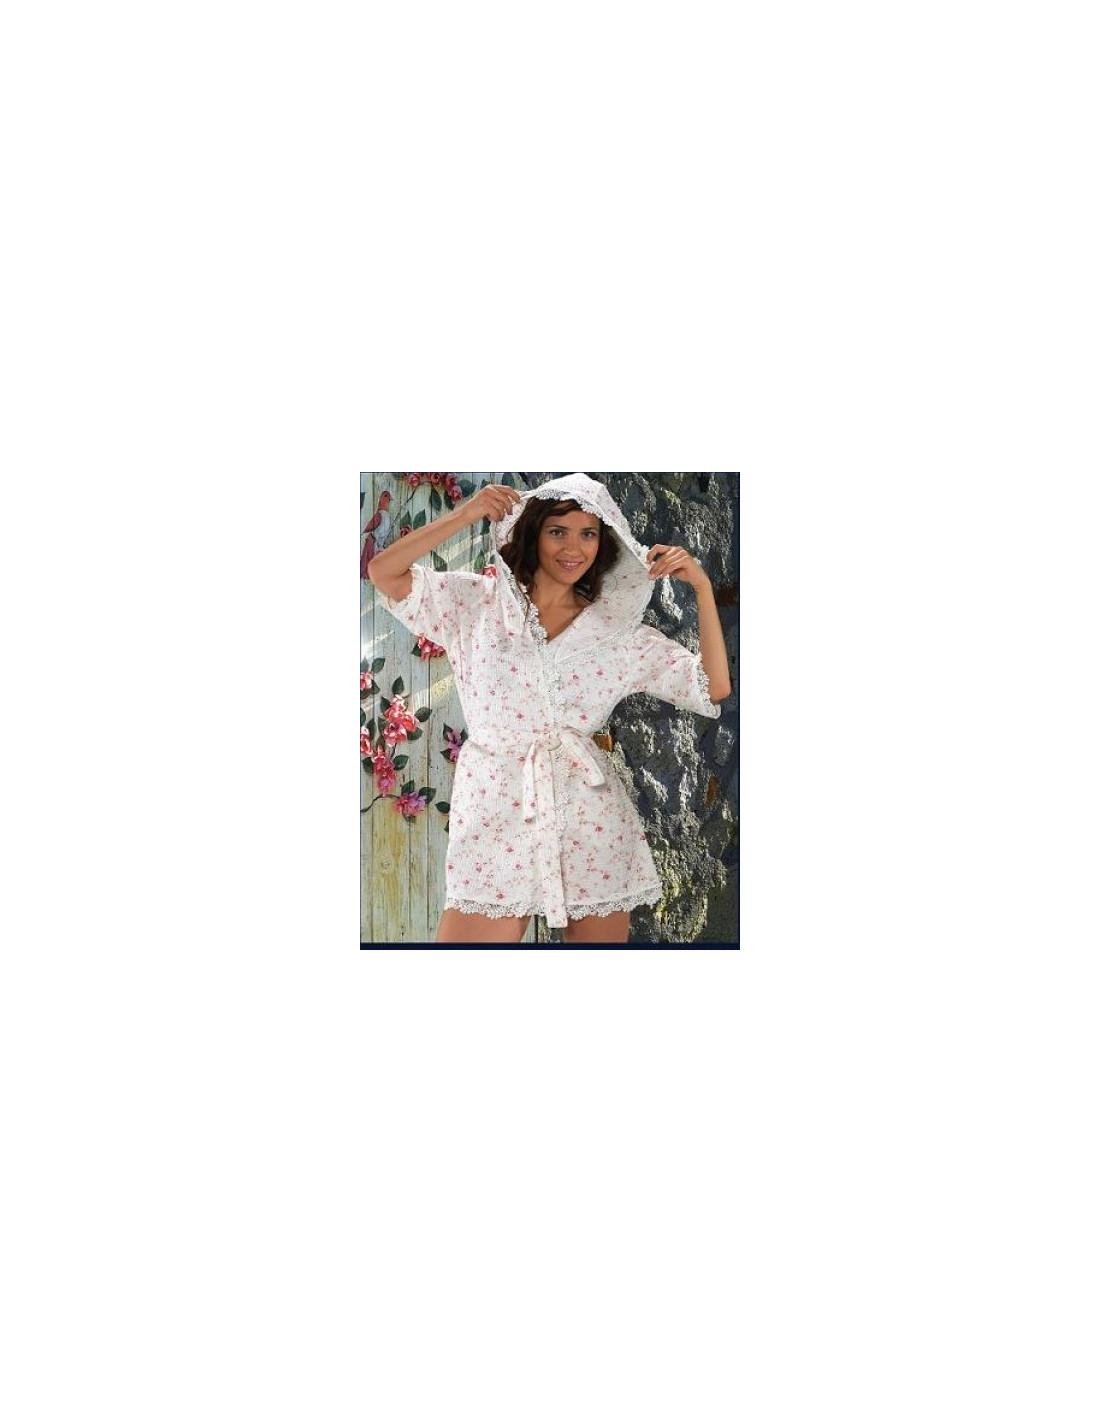 52662cdbcc02c Халат женский Maison D'or ROSES Camile вафельный с капюшоном, кружевом,  короткий